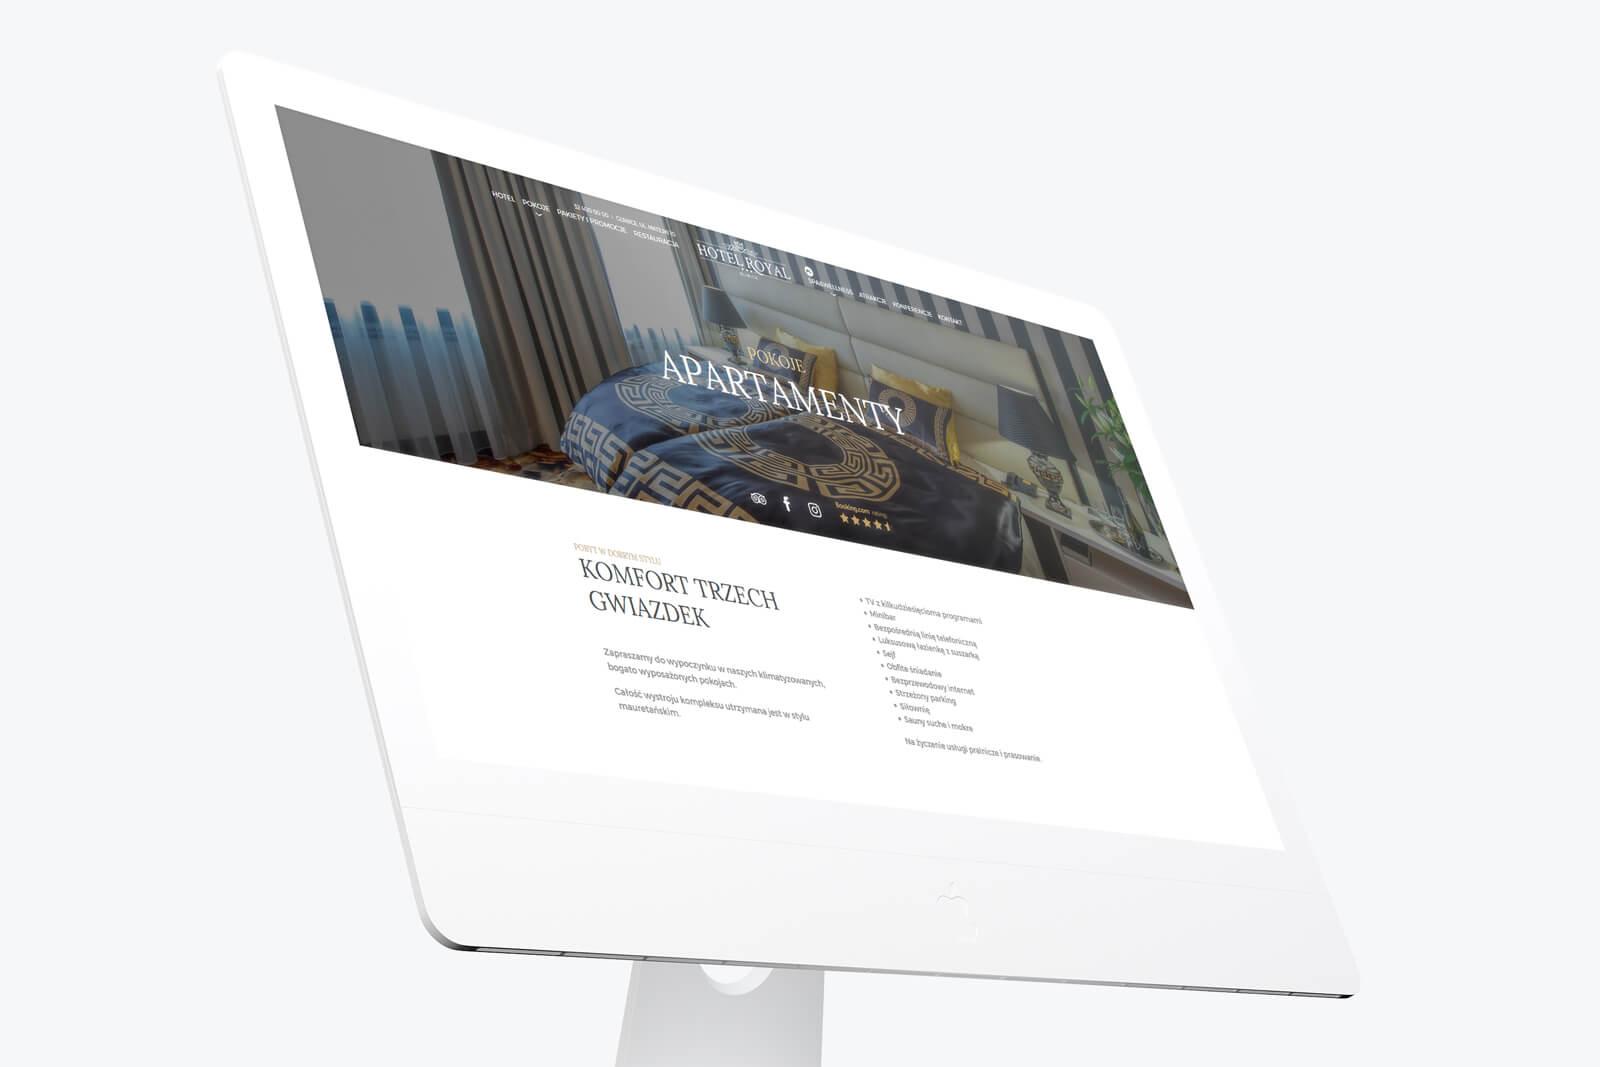 Hotel Royal z Gliwic - nowa, responsywna strona internetowa. Projekt i realizacja. Lokalizacja: Gliwice, Śląsk